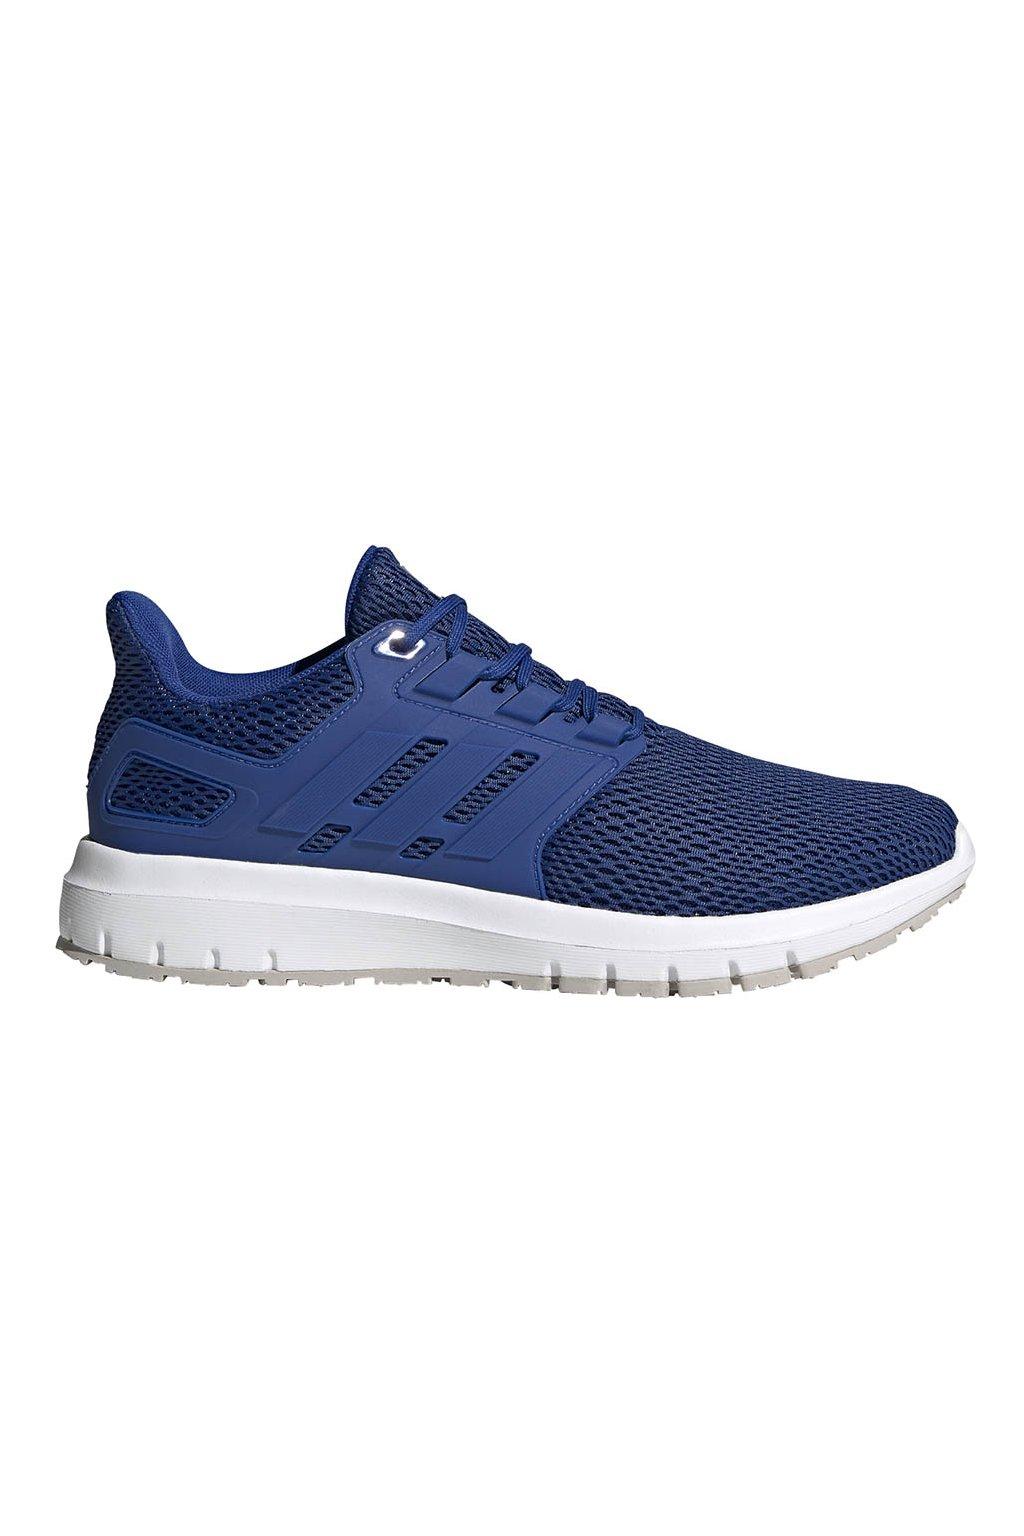 Pánske tenisky Adidas Ultima Show modré FX3807